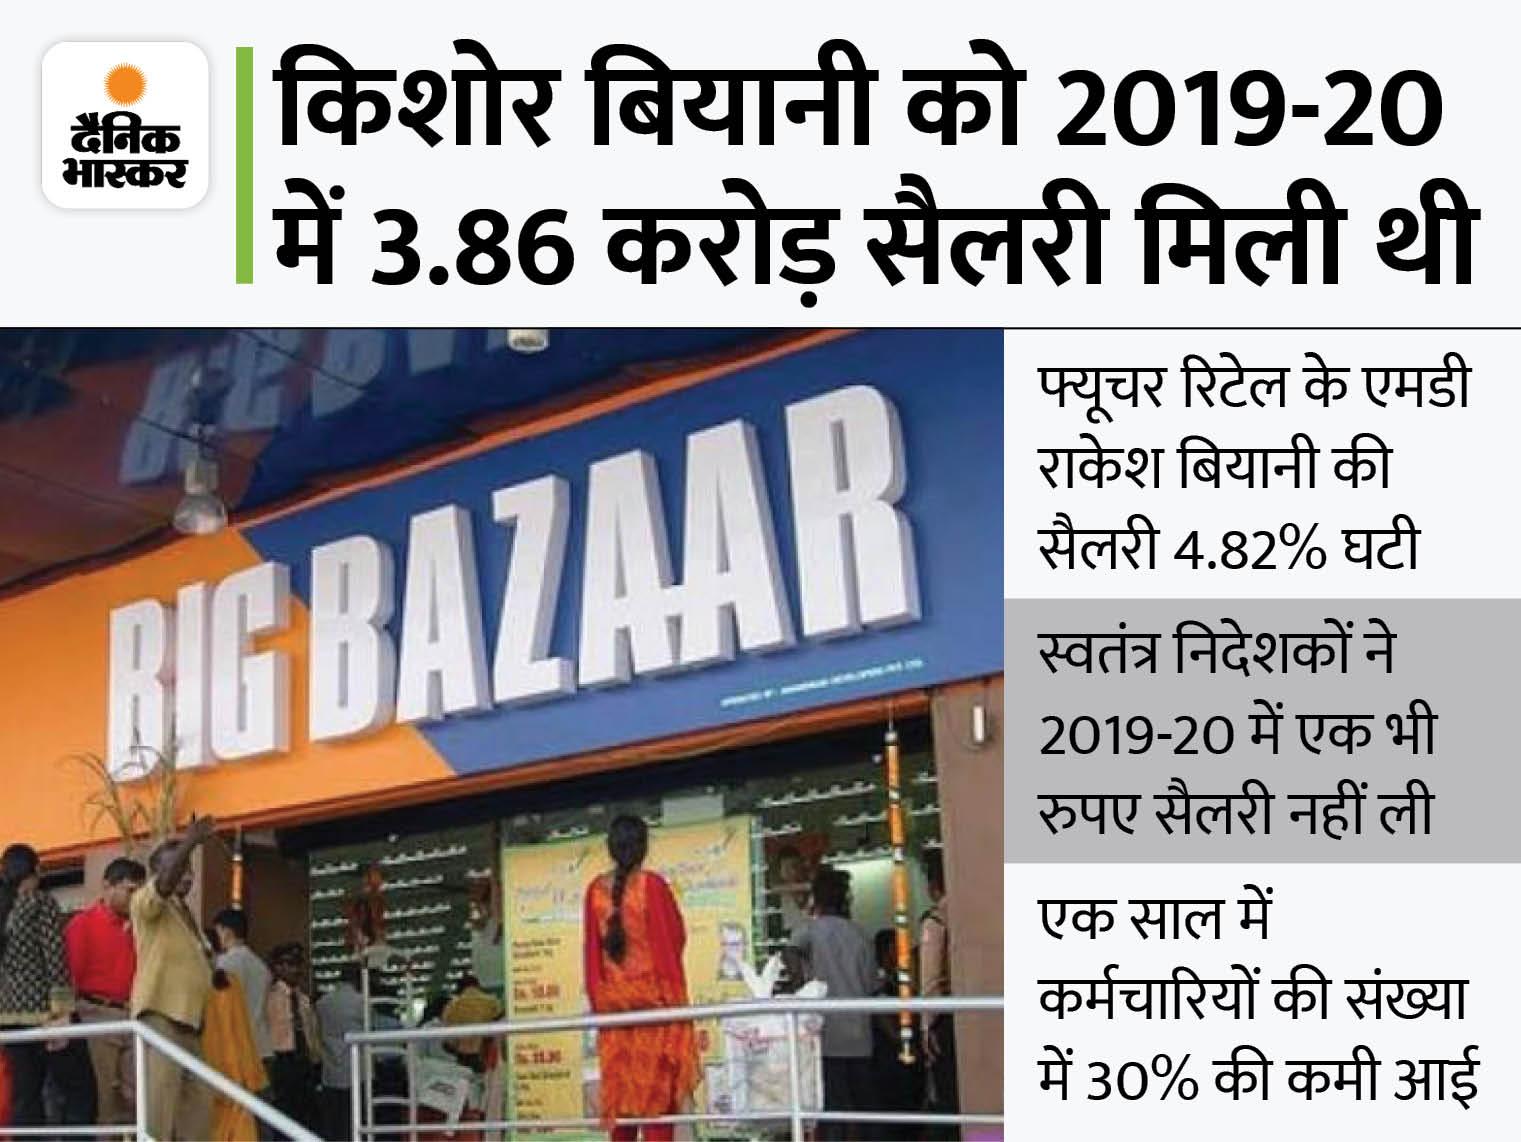 किशोर बियानी की सैलरी में 44% की कटौती, सालाना 2.17 करोड़ रुपए हुई सैलरी|बिजनेस,Business - Dainik Bhaskar